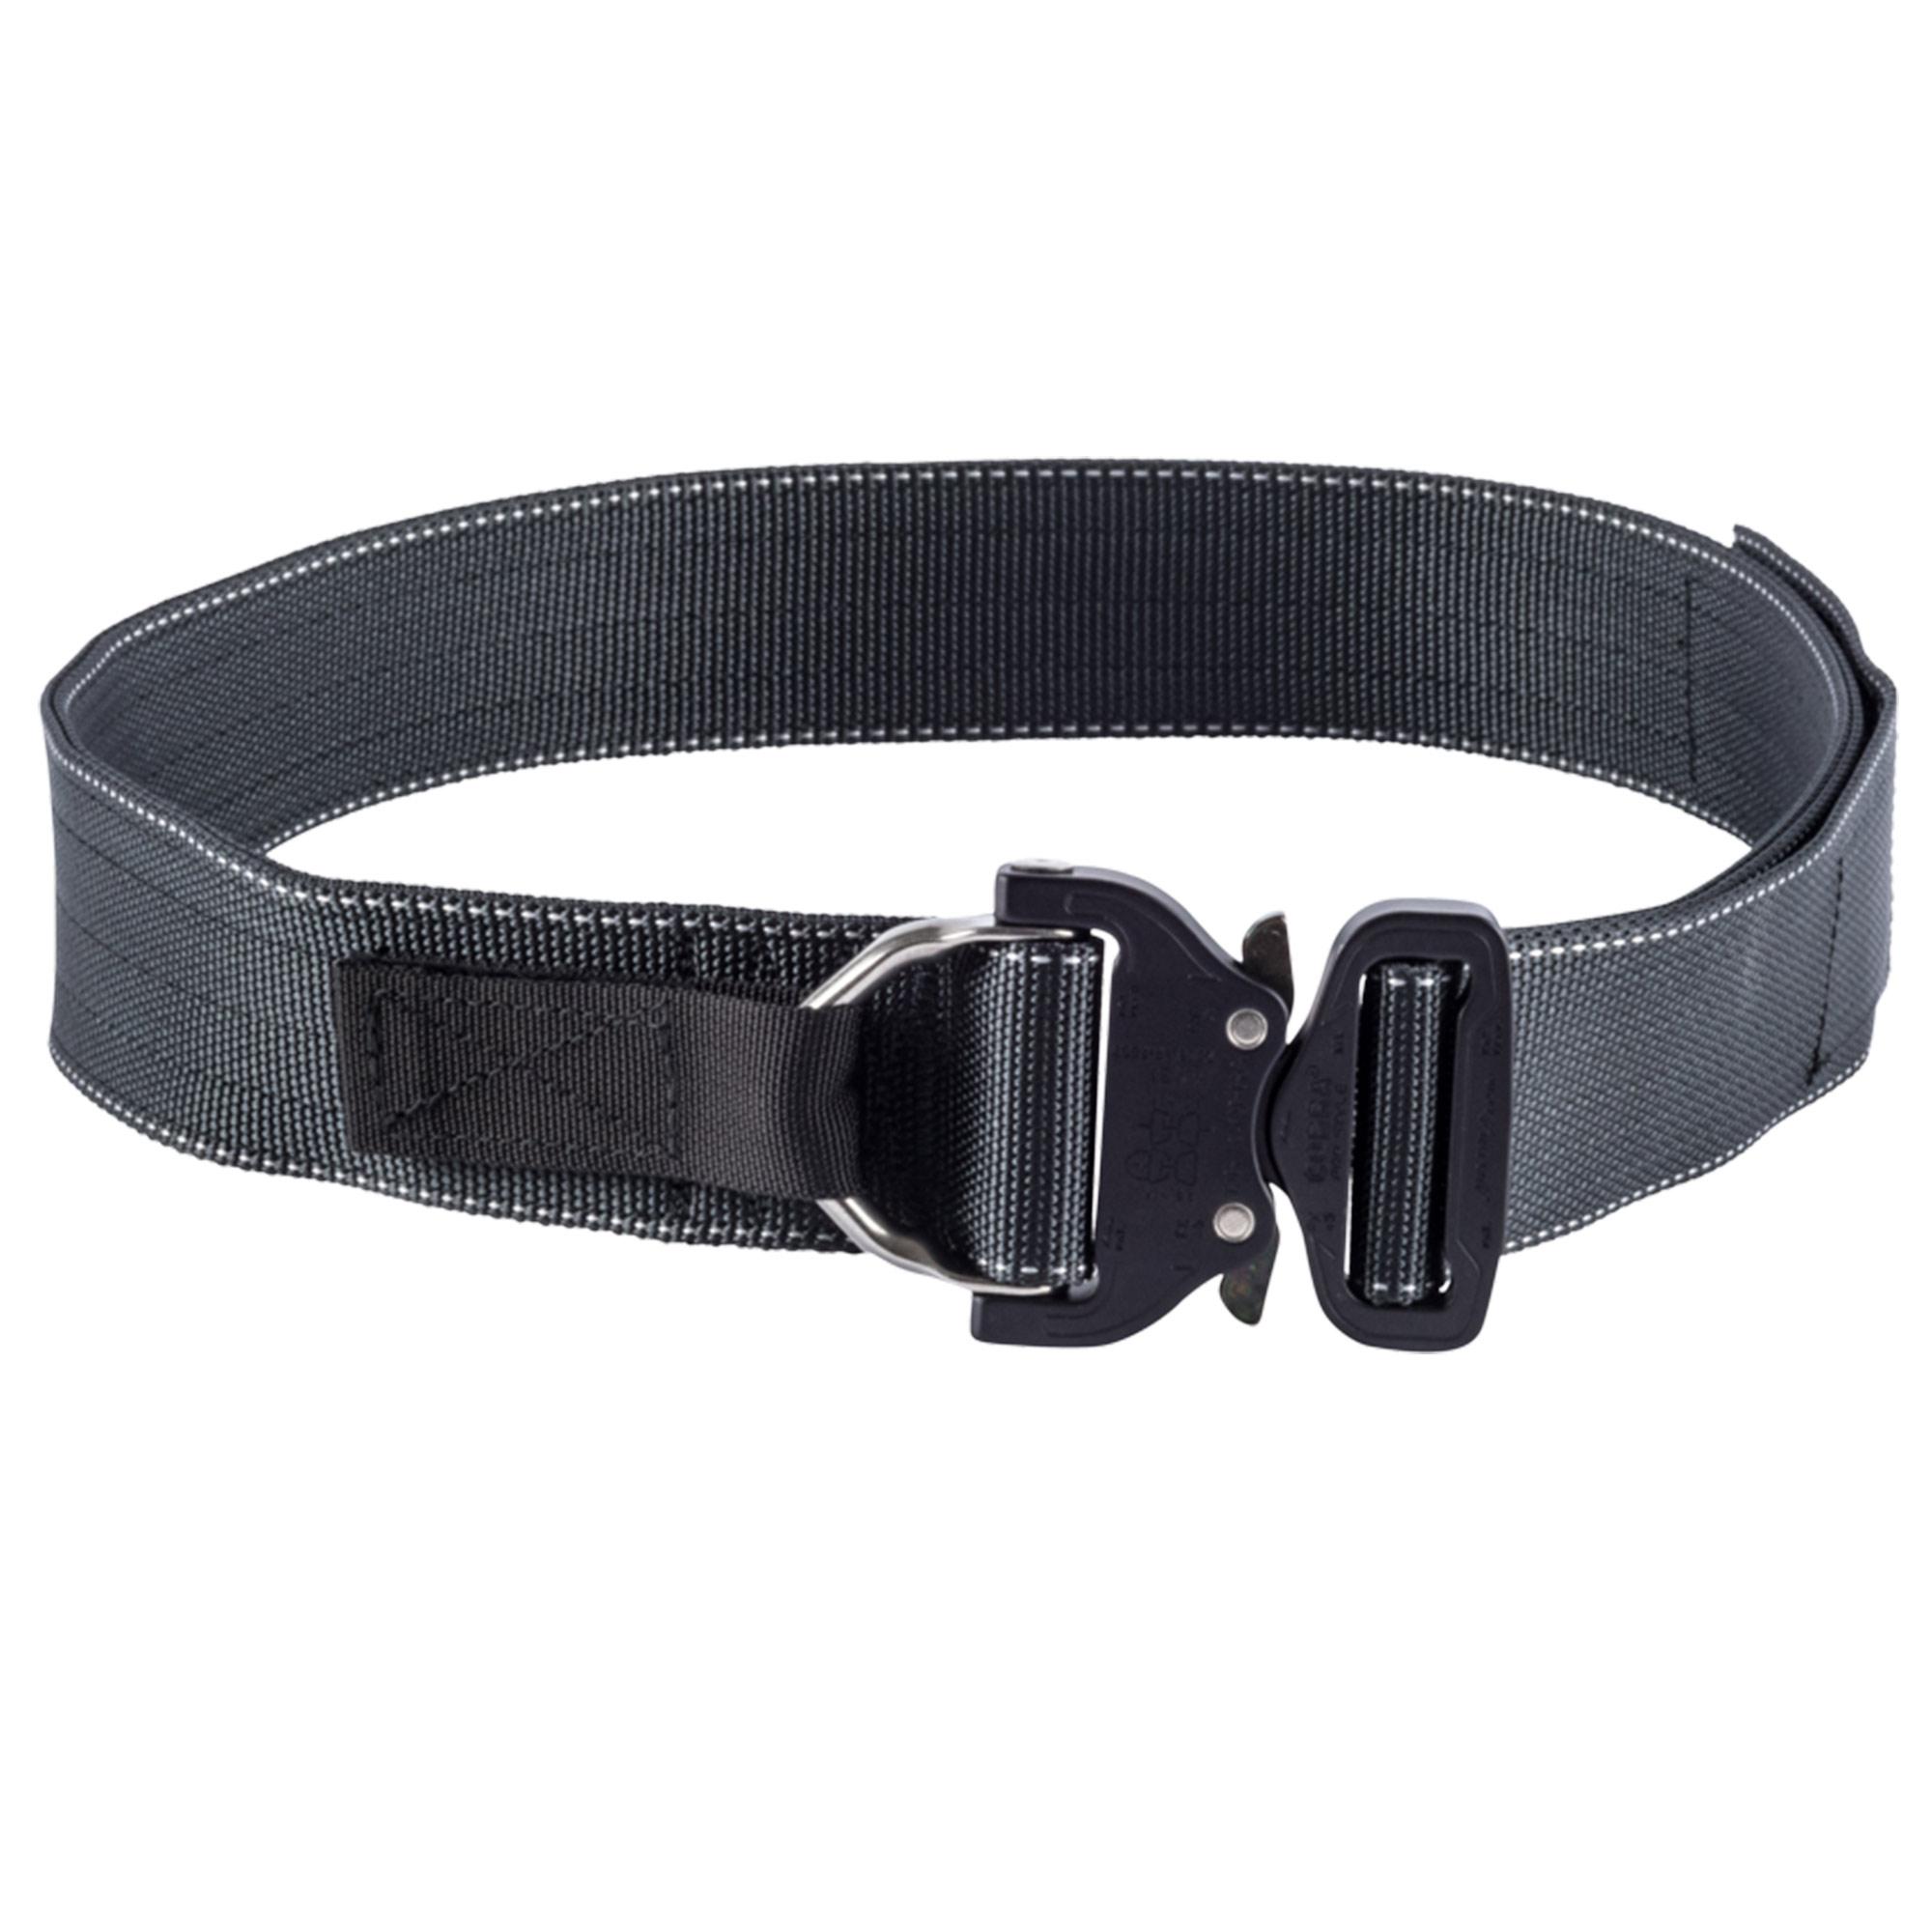 MD-Textil Einsatzgürtel Jed Belt schwarz